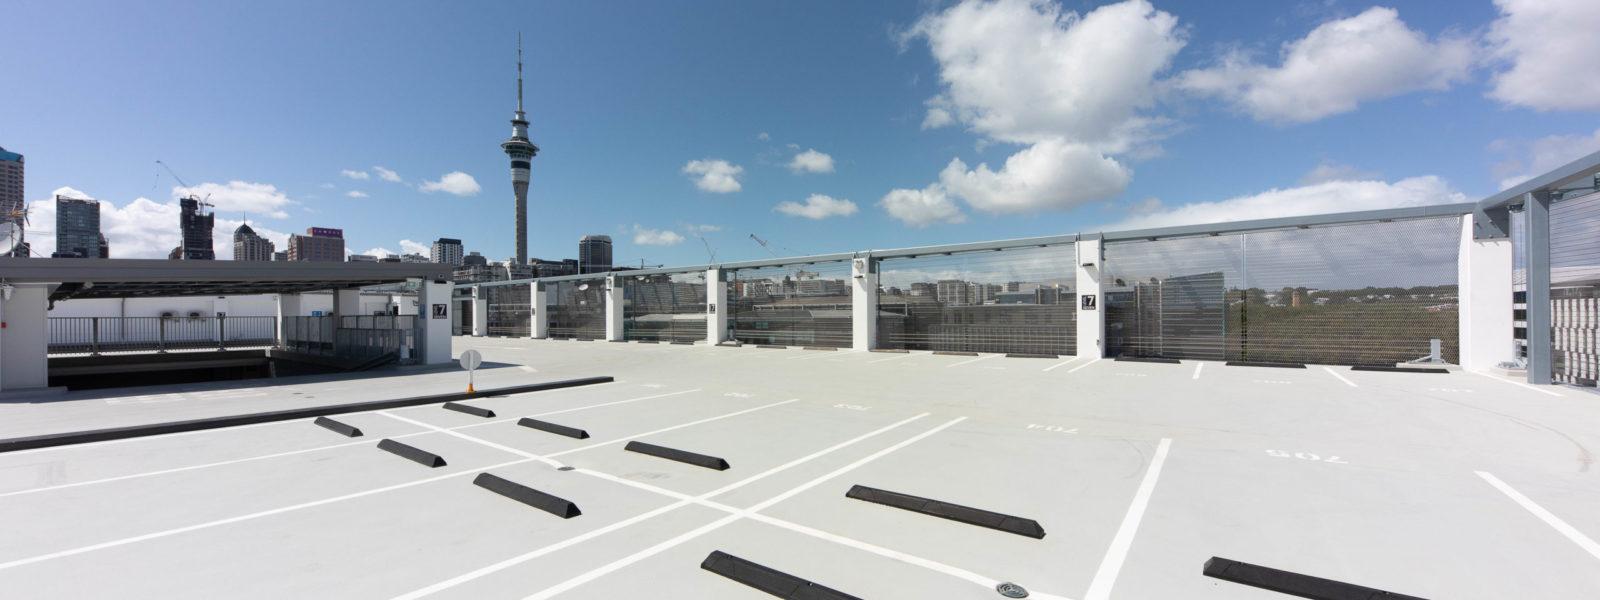 Wynyard 100 Car Park Roof